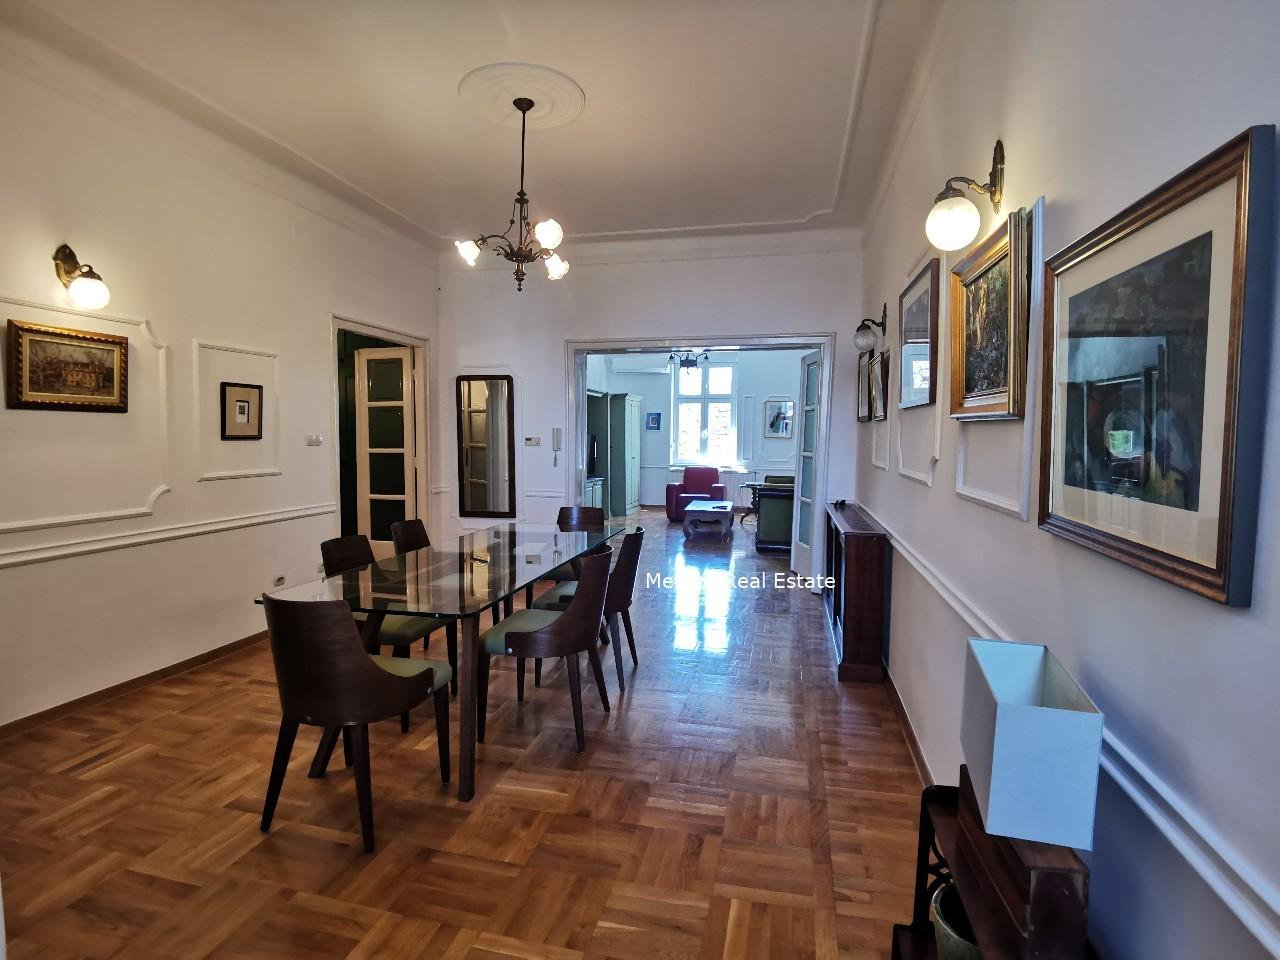 Stari grad apartment for rent